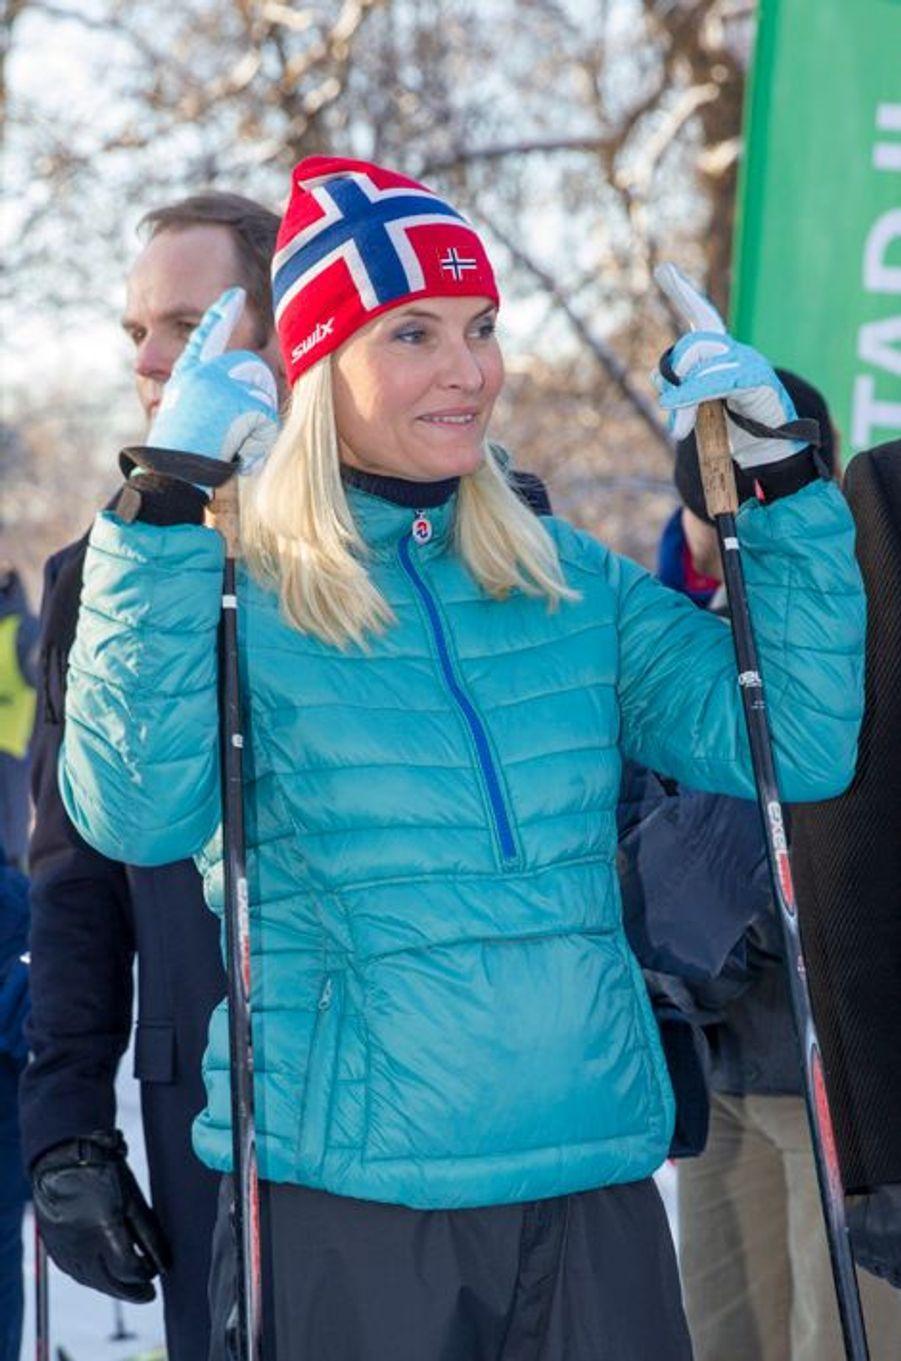 La princesse Mette-Marit de Norvège à Oslo, le 17 janvier 2016